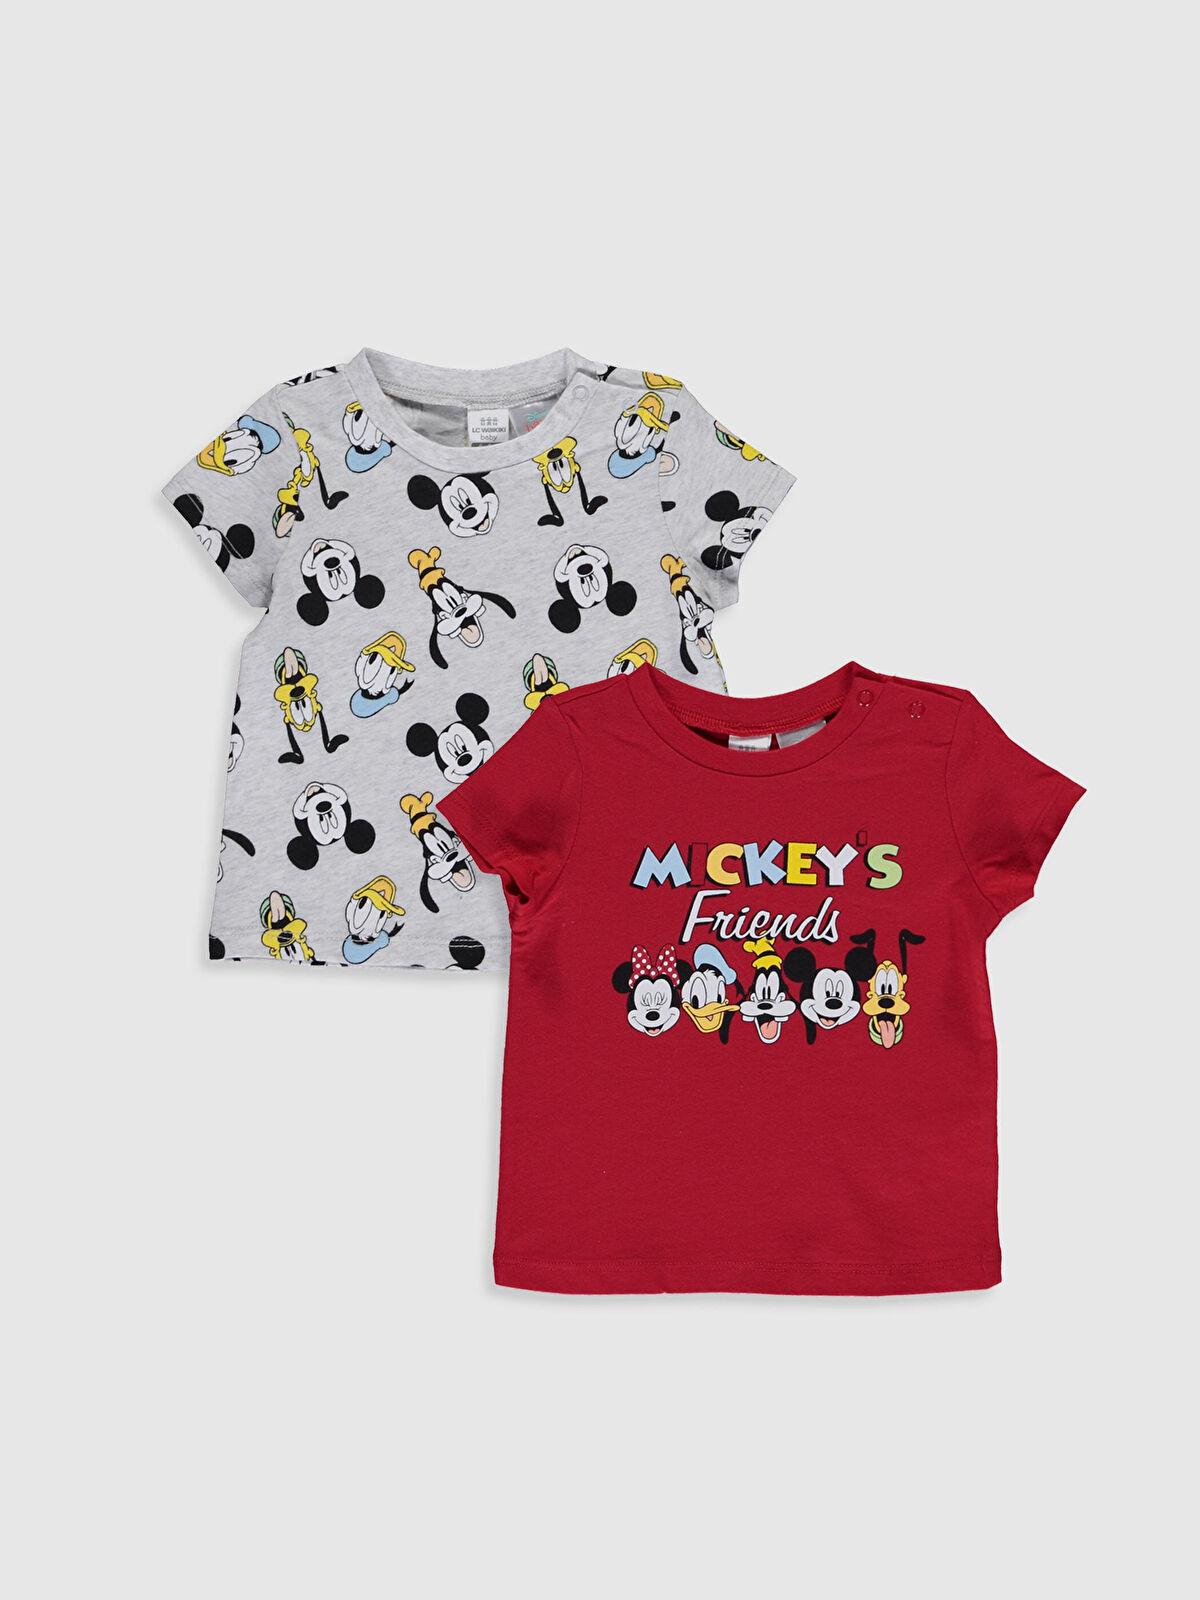 Erkek Bebek Disney Baskılı Pamuklu Tişört 2'li - LC WAIKIKI